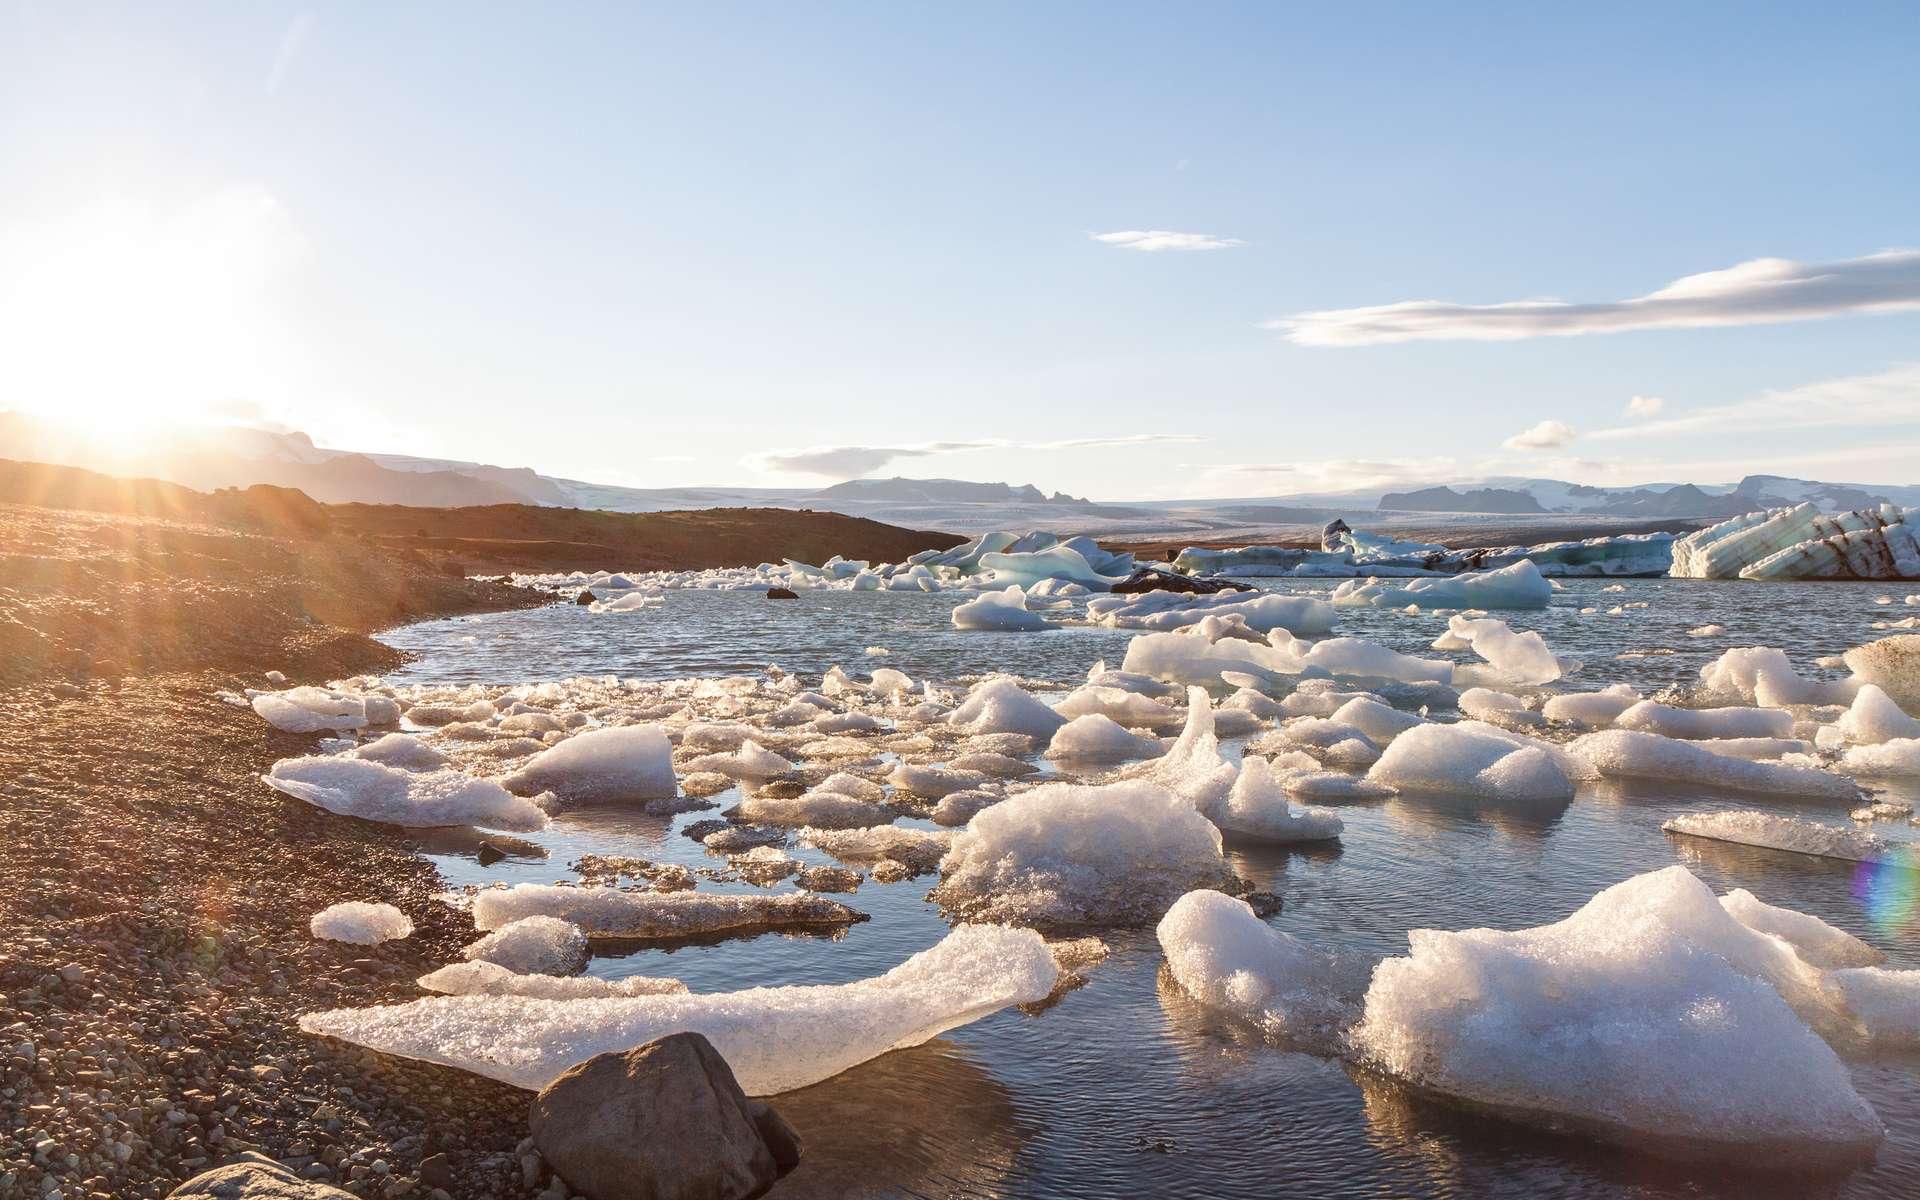 Les météorologues prévoient que 2020 pourrait finir en tête des années les plus chaudes jamais enregistrées. © Jan Schuler, Adobe Stock